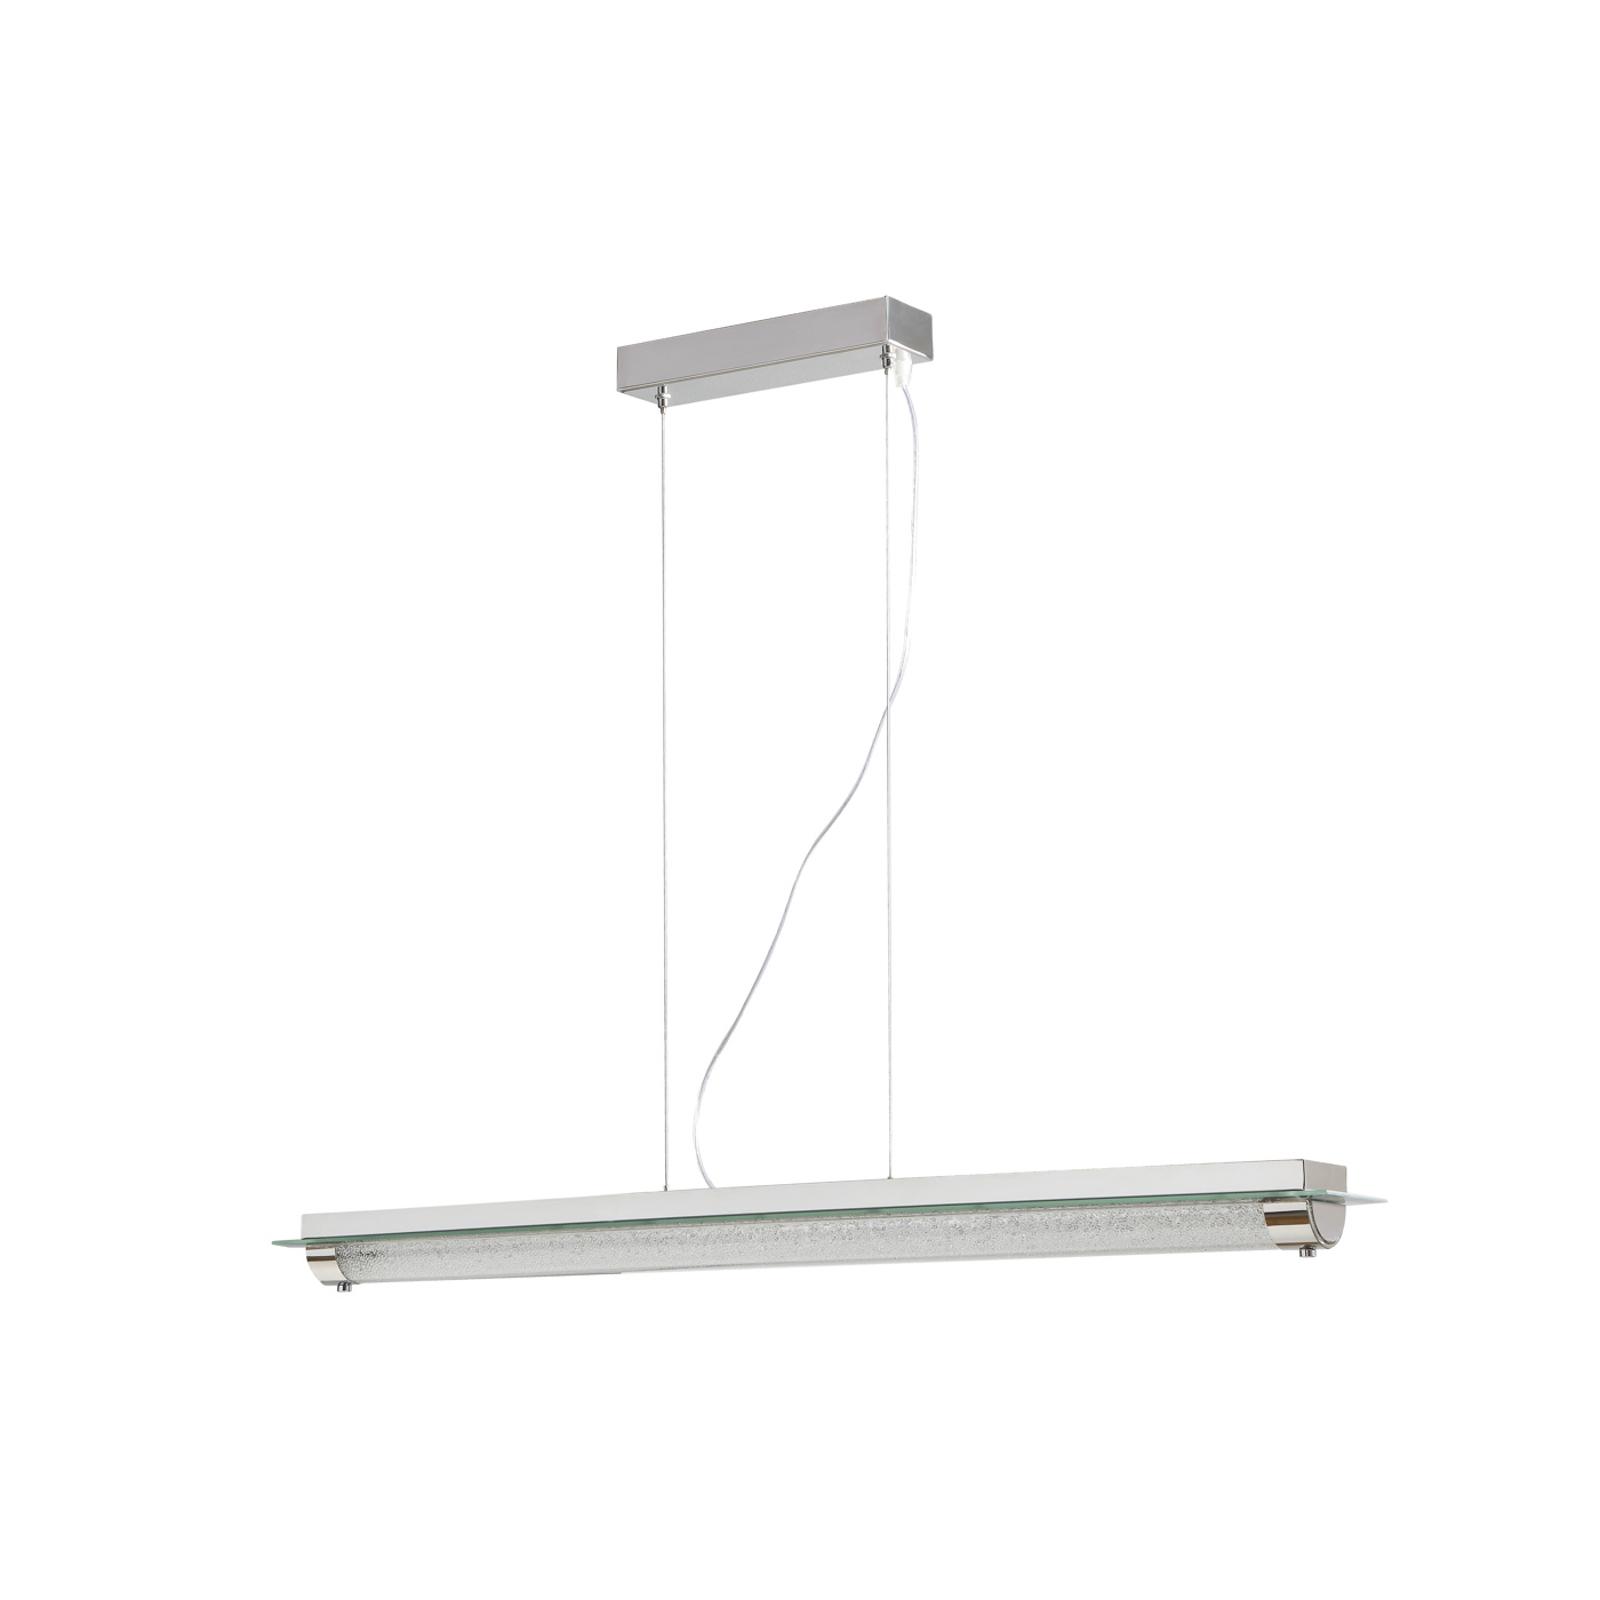 Tube LED-pendellampe, længde 90 cm